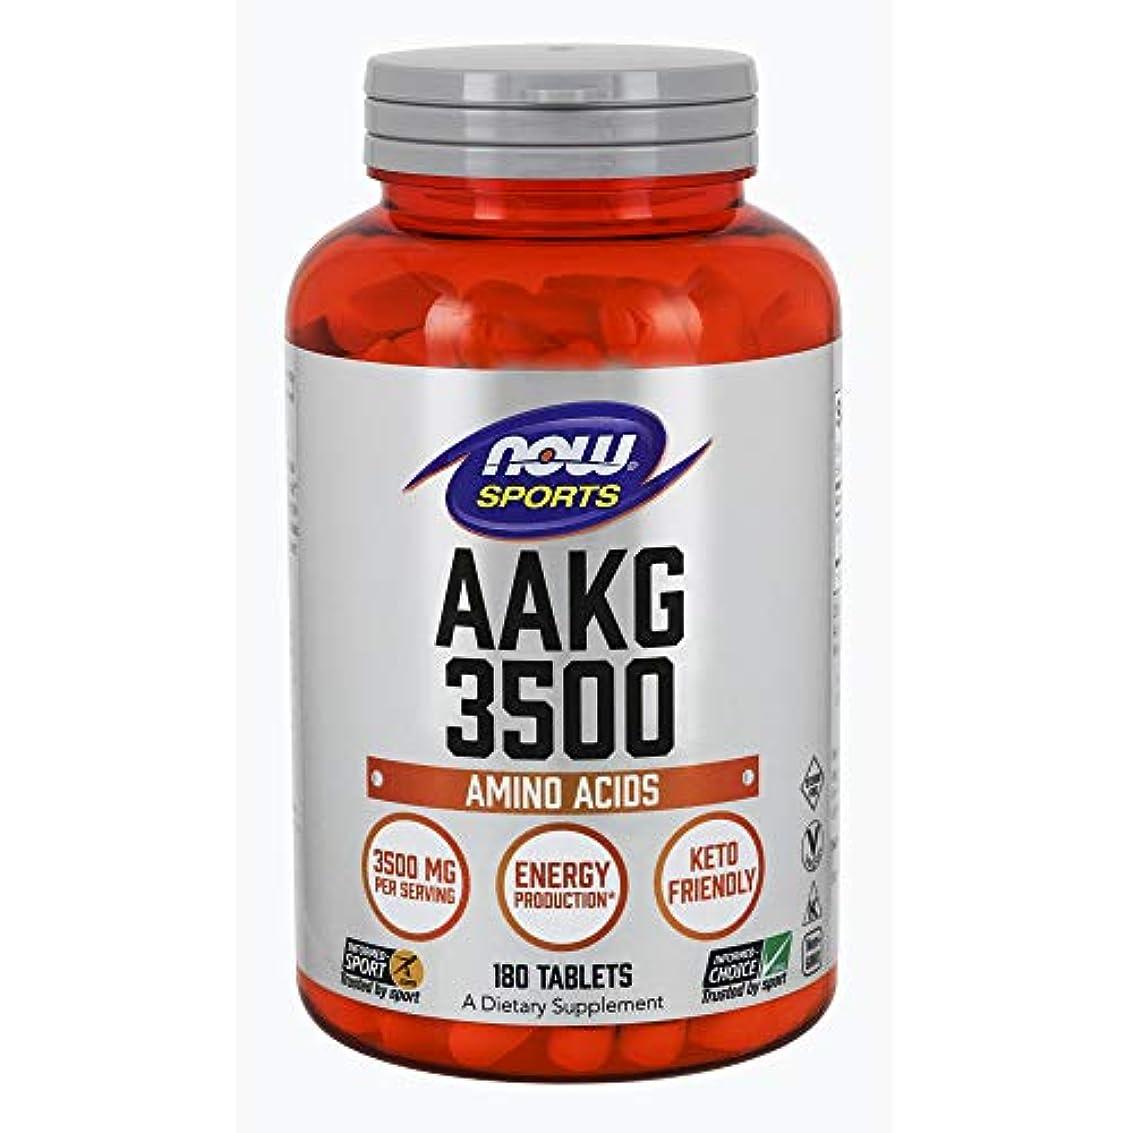 待つ散るソブリケット[海外直送品] ナウフーズ AAKG3500(L-アルギニン-アルファ-ケトグルタレイト) 180錠